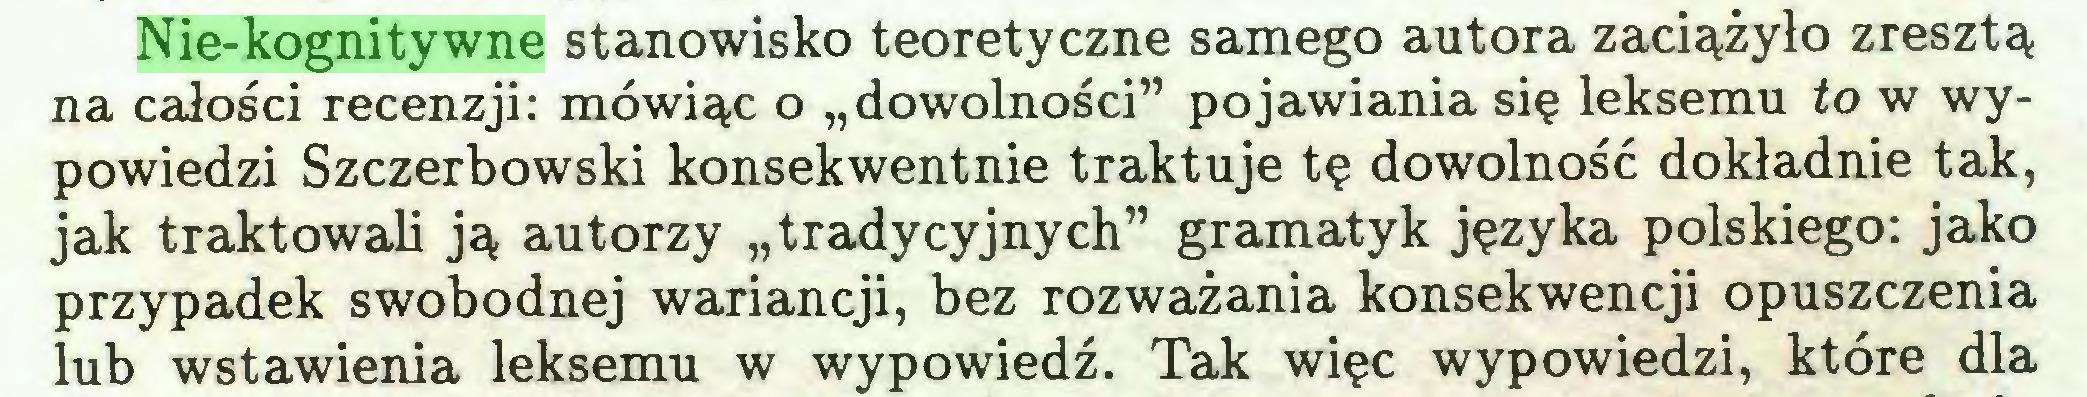 """(...) Nie-kognitywne stanowisko teoretyczne samego autora zaciążyło zresztą na całości recenzji: mówiąc o """"dowolności"""" pojawiania się leksemu to w wypowiedzi Szczerbowski konsekwentnie traktuje tę dowolność dokładnie tak, jak traktowali ją autorzy """"tradycyjnych"""" gramatyk języka polskiego: jako przypadek swobodnej wariancji, bez rozważania konsekwencji opuszczenia lub wstawienia leksemu w wypowiedź. Tak więc wypowiedzi, które dla..."""